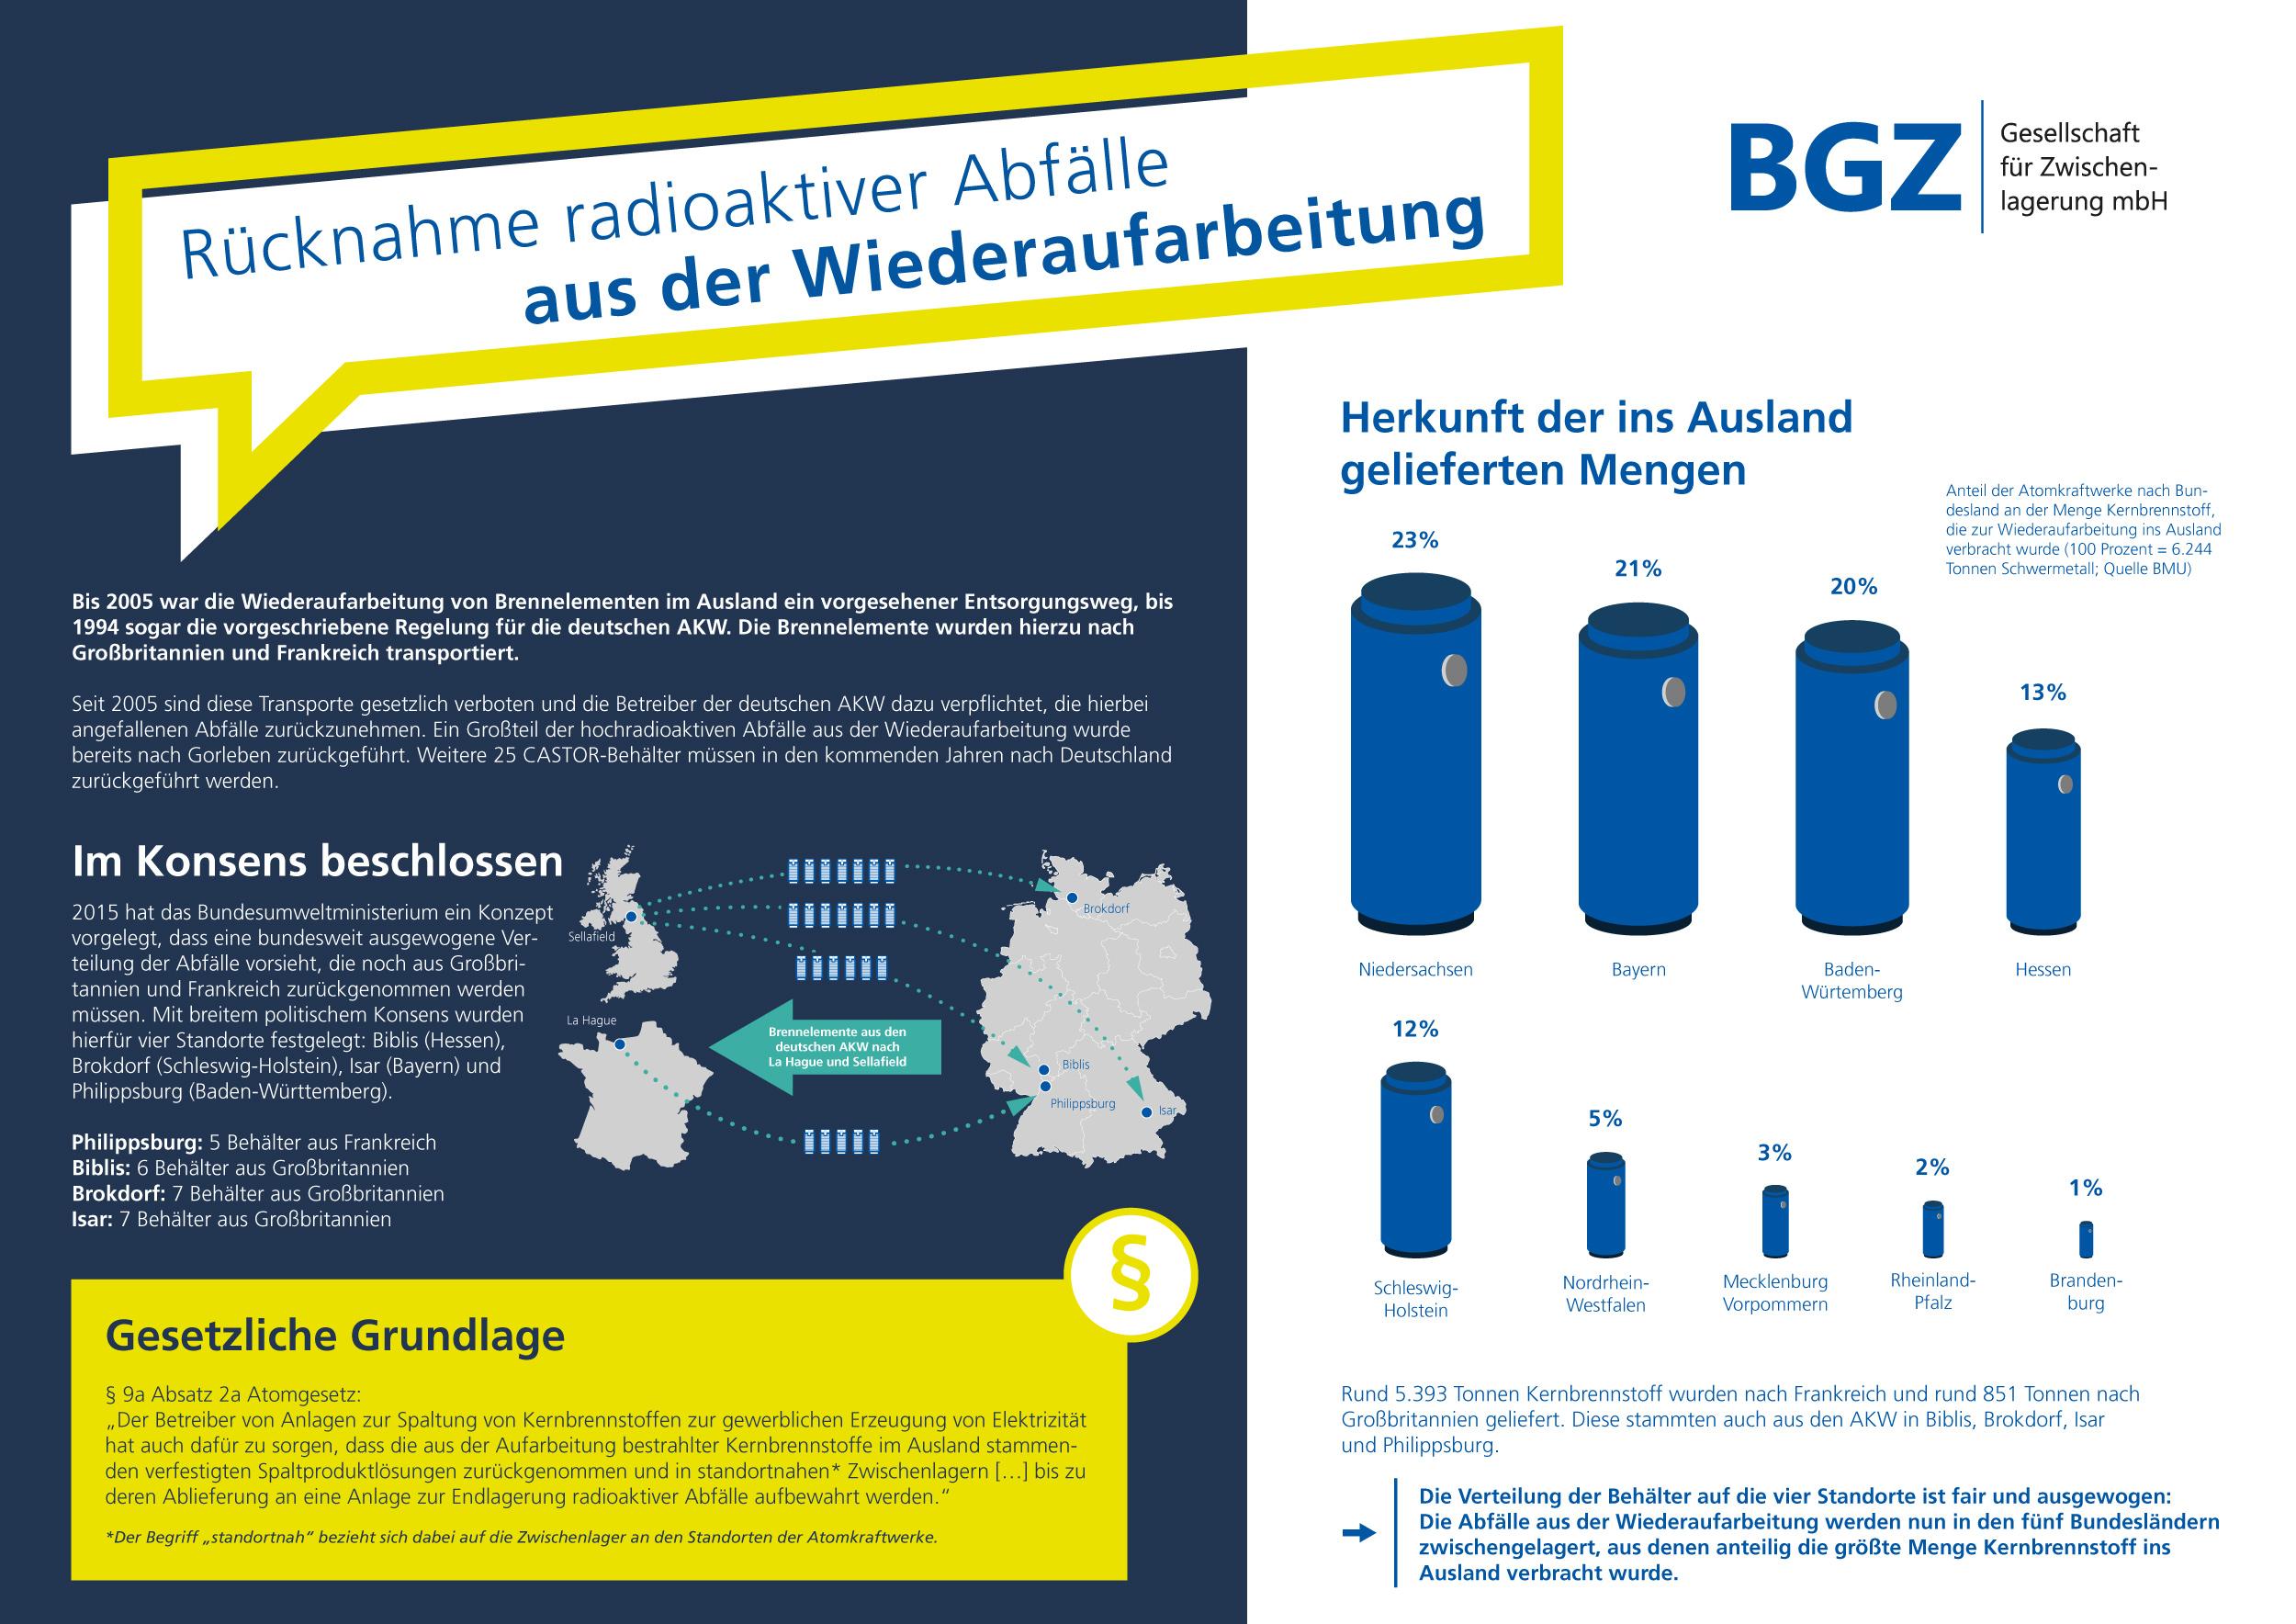 210225_bgz_rueckfuehrung-poster-01